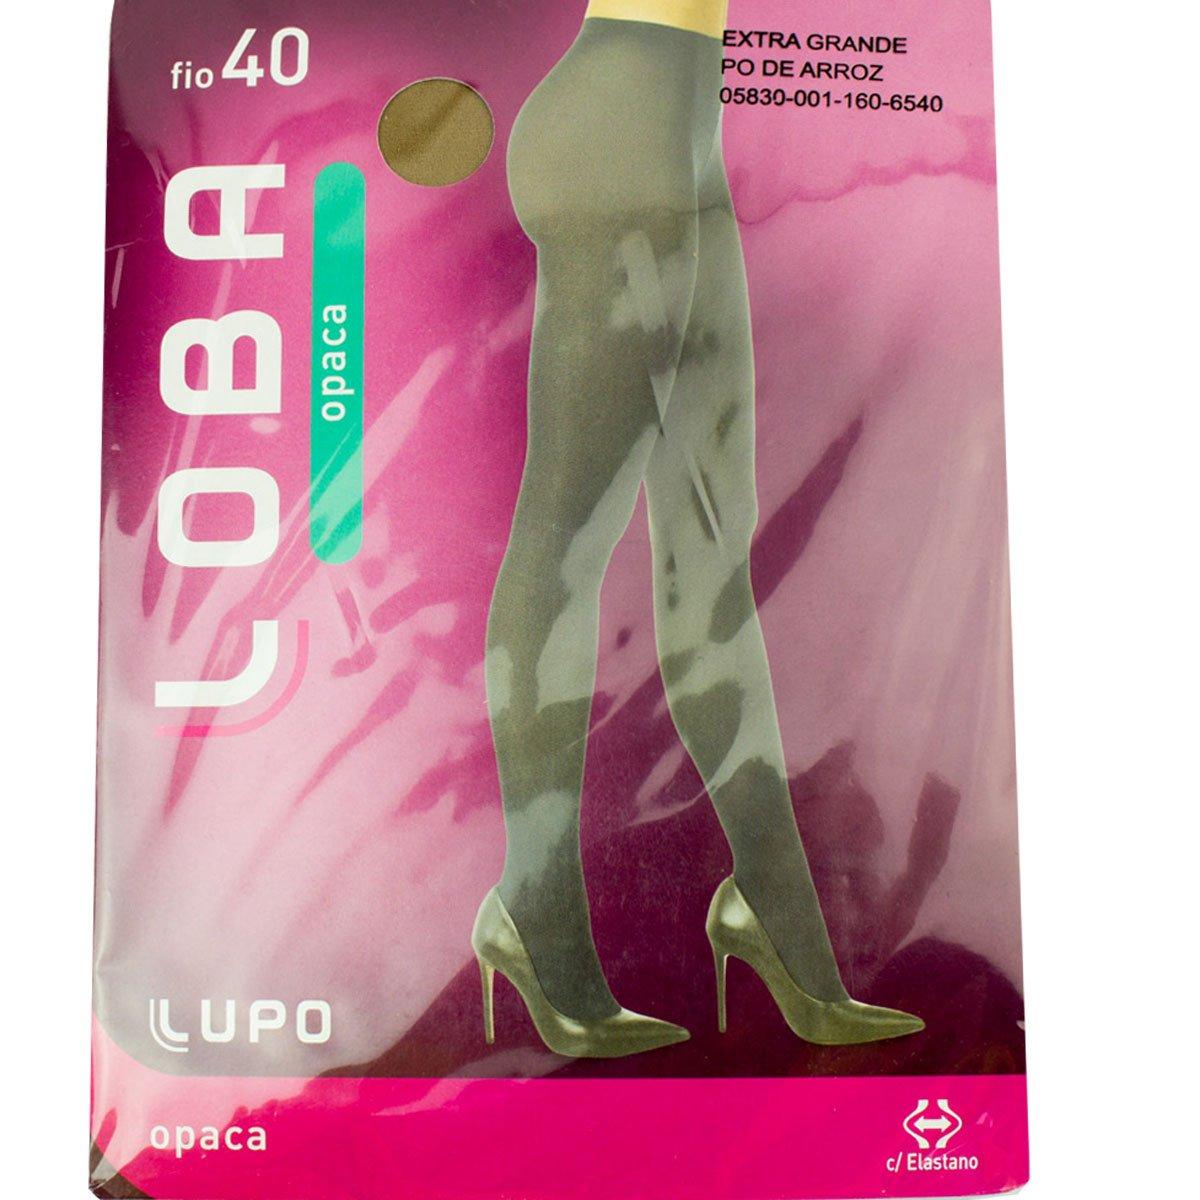 579d2d81c Bizz Store - Meia Calça Lupo Loba Opaca Fio 20